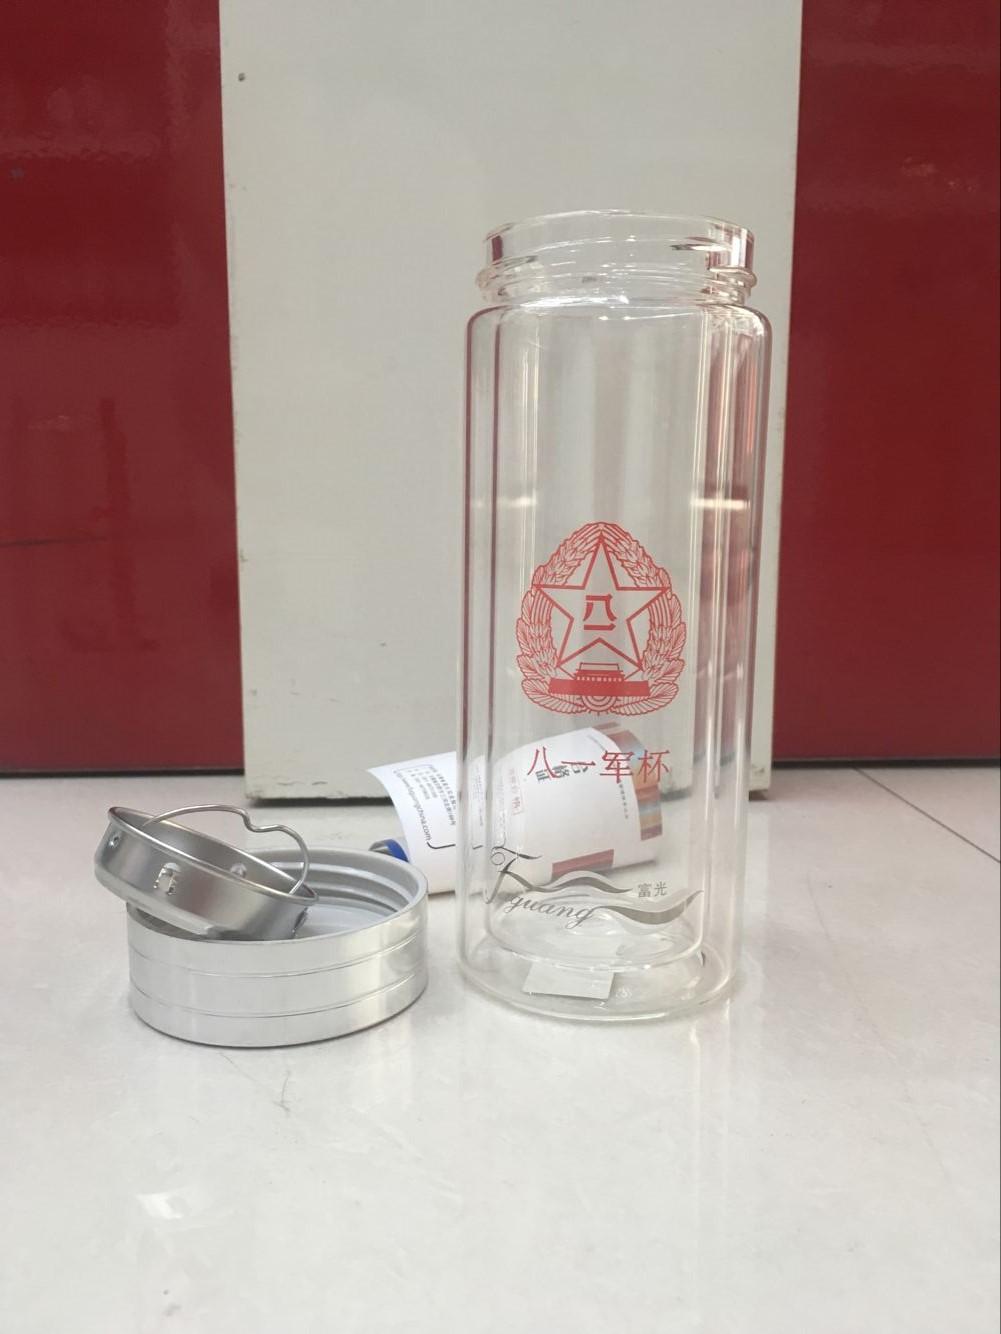 玻璃杯、陶瓷杯、不锈钢杯、塑料杯,原来最安全的是它――云南富光玻璃杯价格